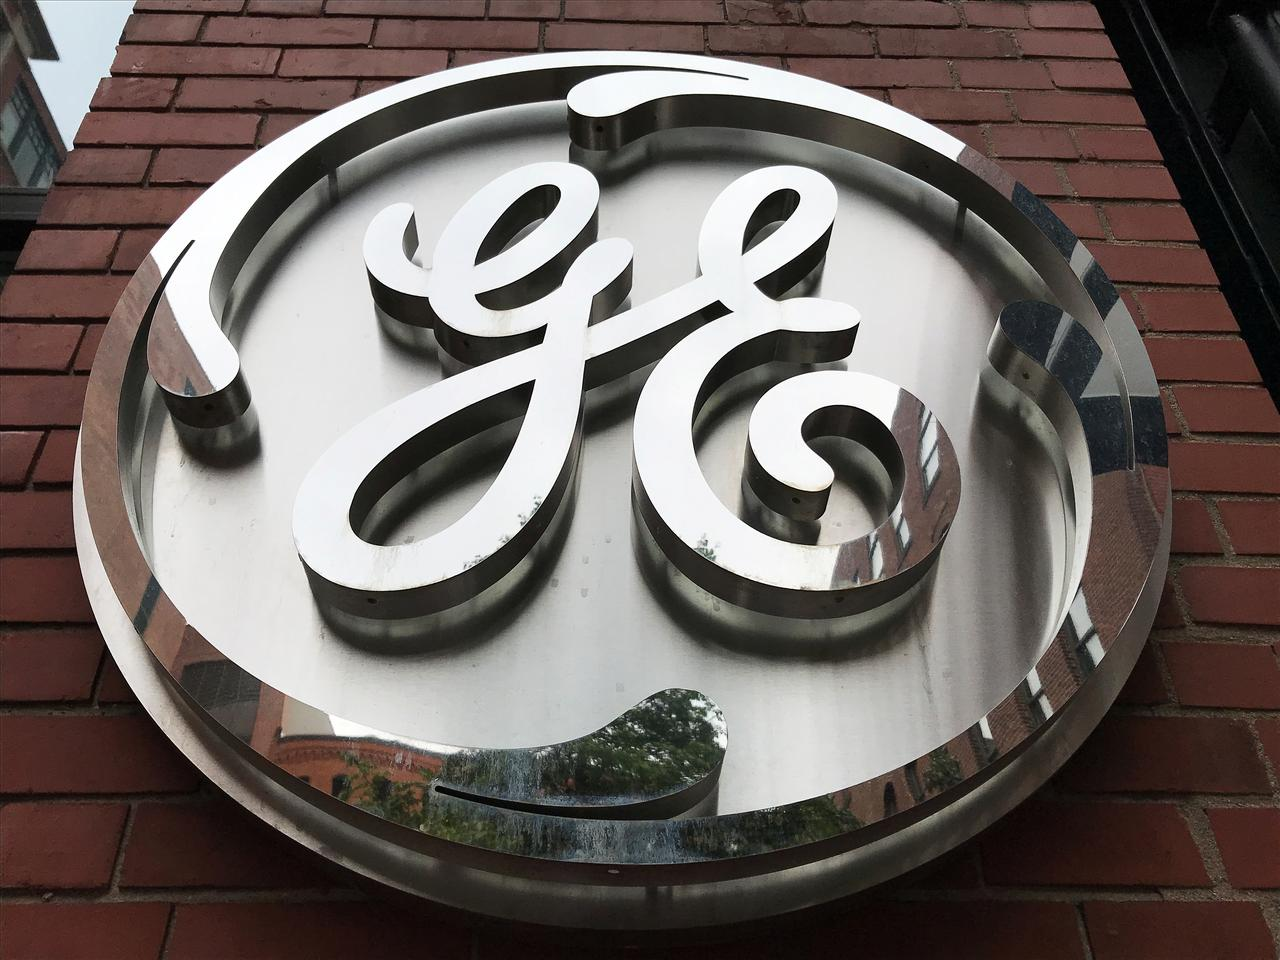 A GE está contratando profissionais das áreas de engenharia, produção e serviços, para vagas de emprego